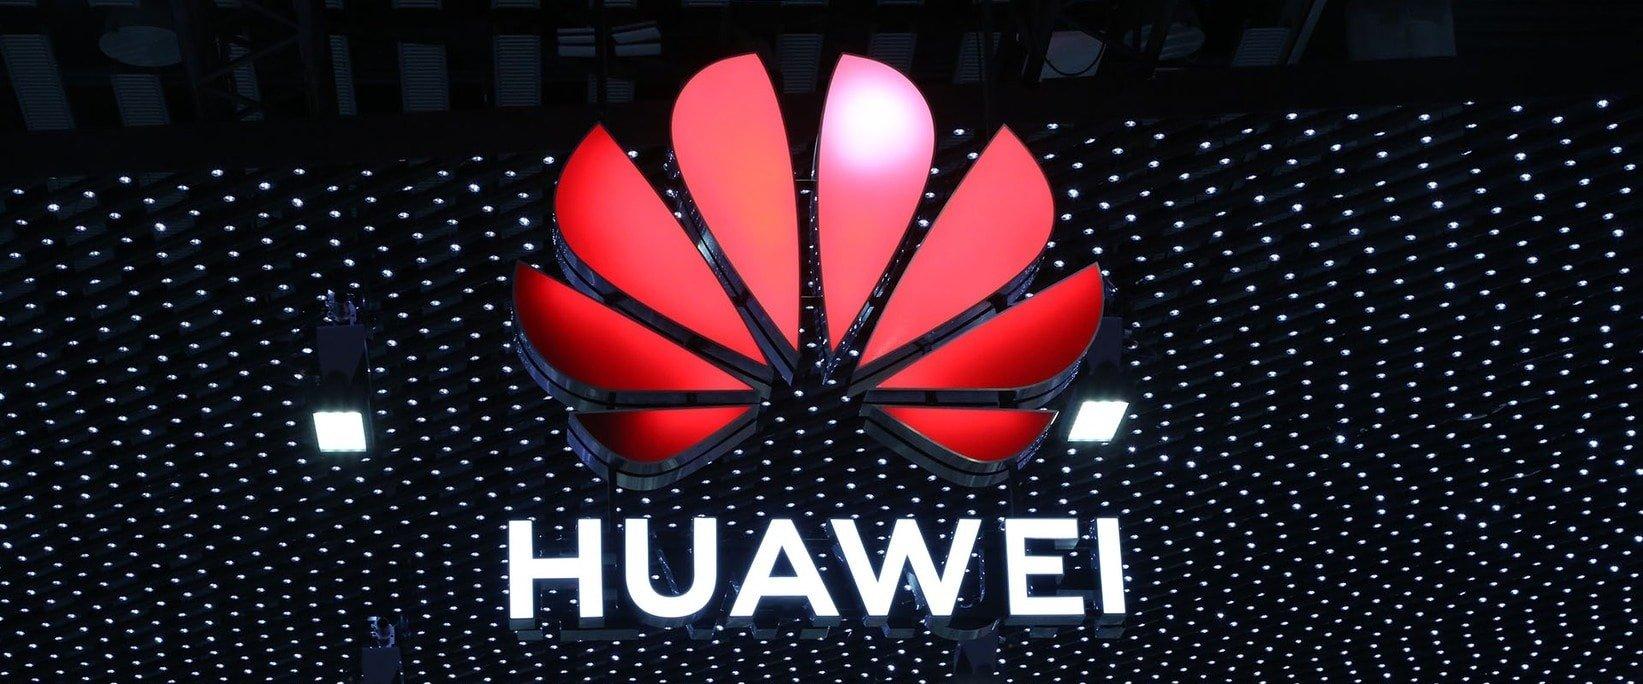 Huawei Polska i Akademia Leona Koźmińskiego rozpoczynają współpracę w zakresie szkoleń